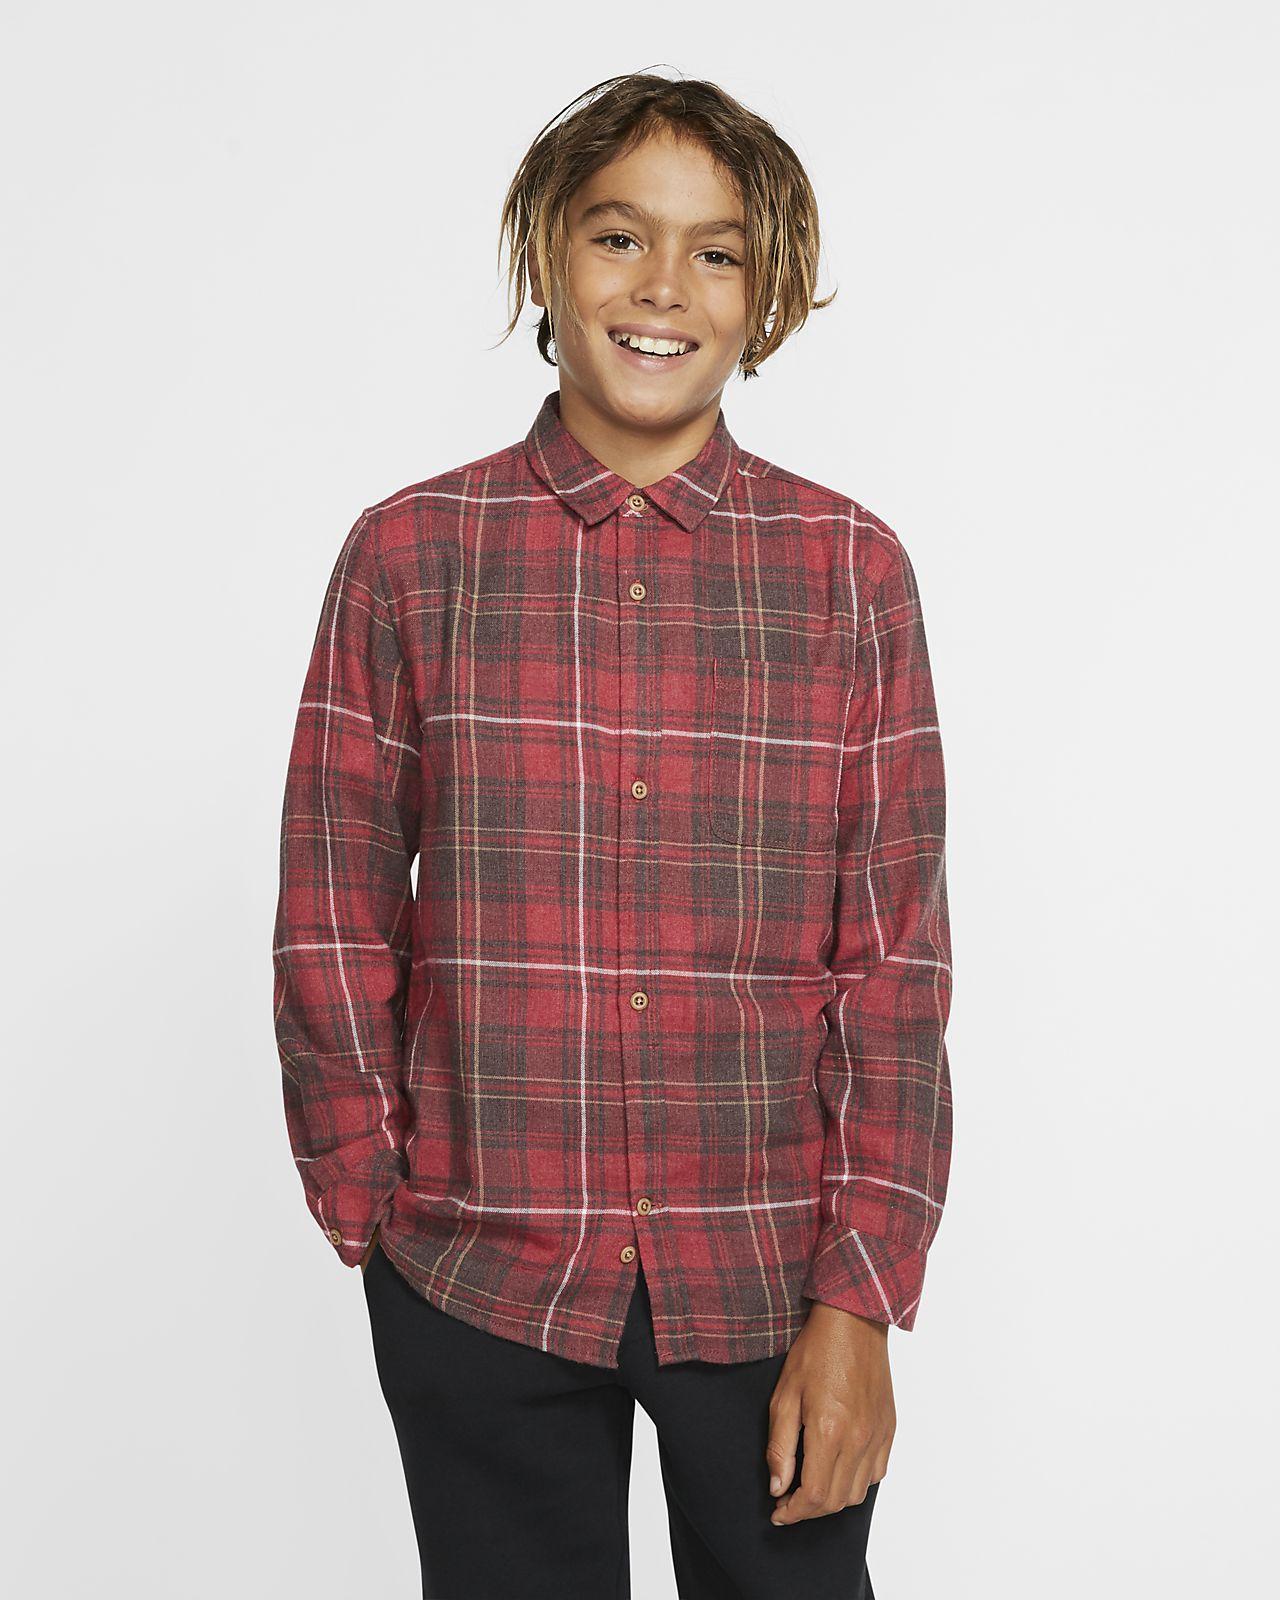 Camiseta manga larga para niño Hurley Vedder Washed